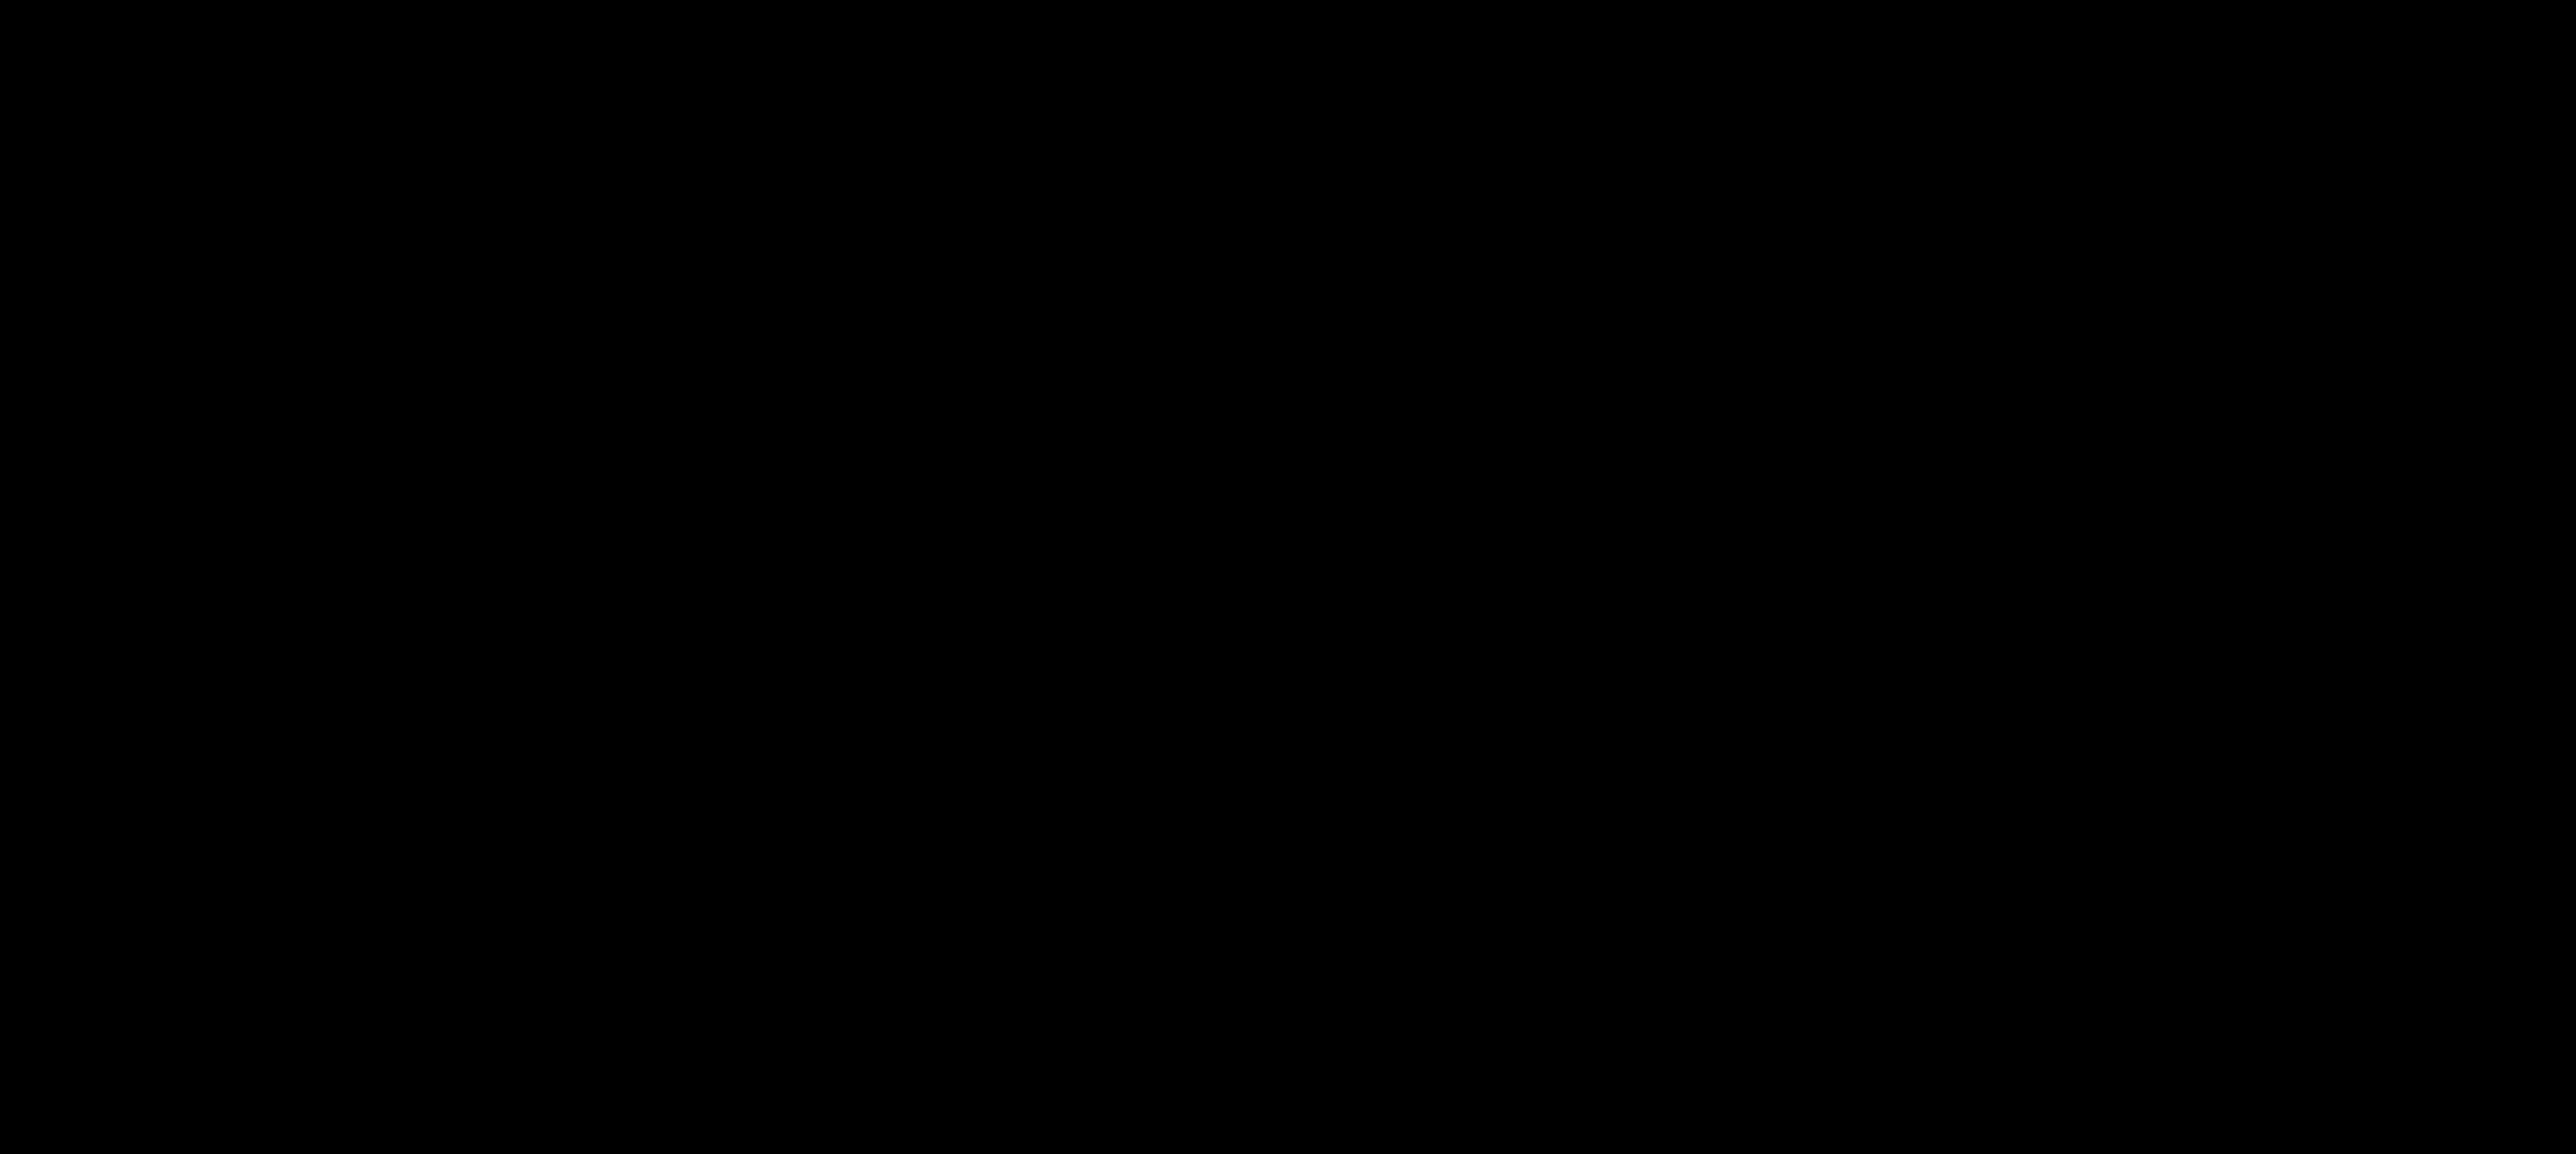 RA, Norges Statsbaner, Baneavdelingen B, T/Tb/T053ba18, 1902-1965, s. 1